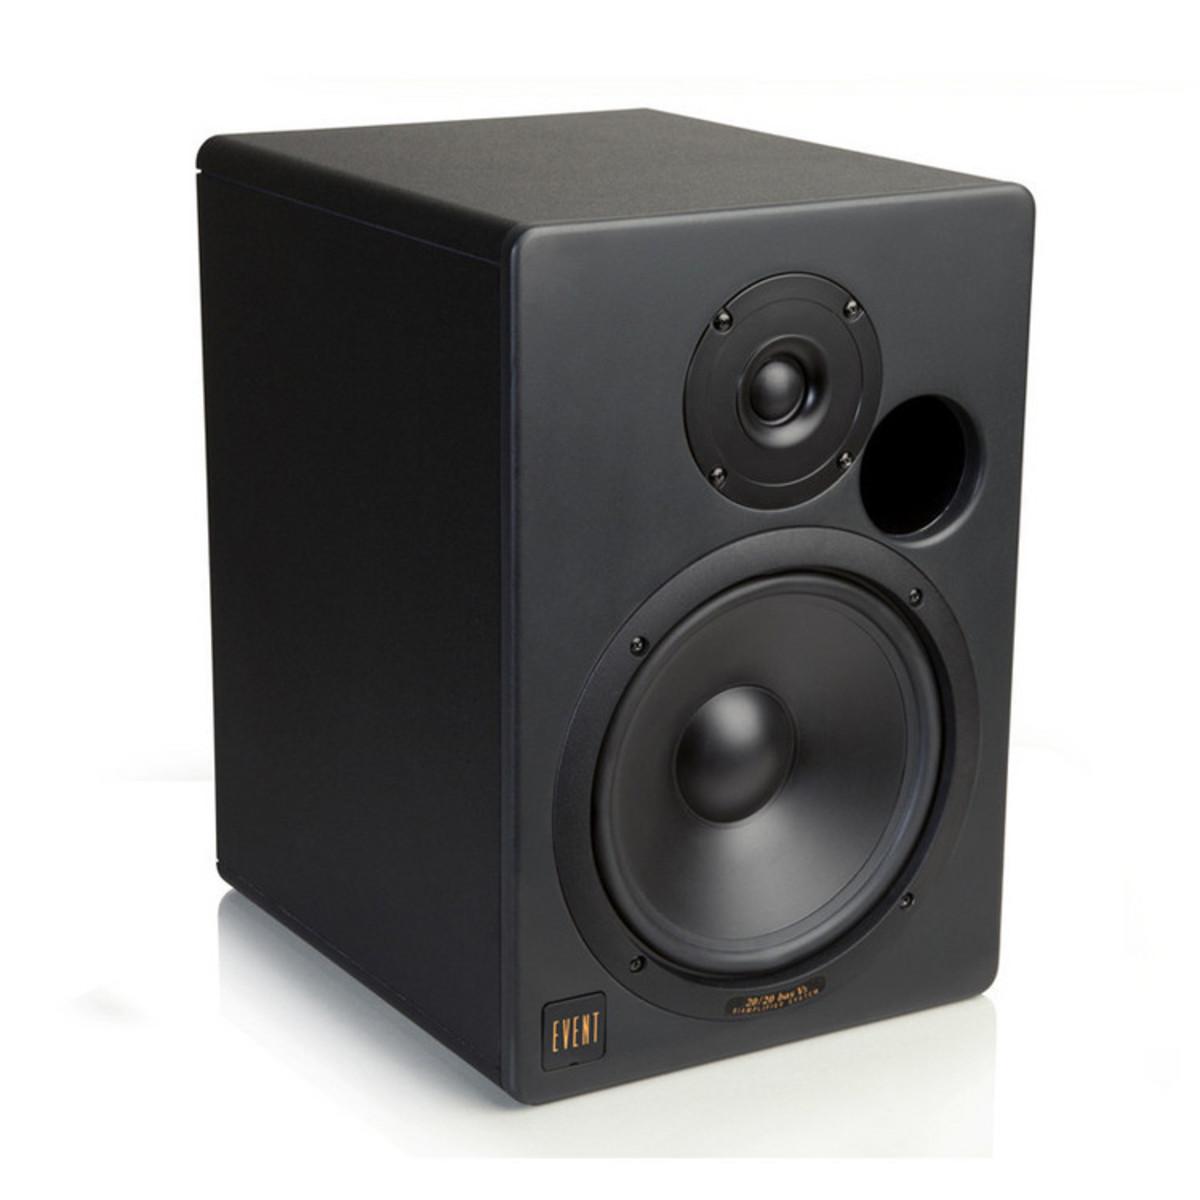 event 20 20 bas v3 aktiv studiomonitor singel gear4music. Black Bedroom Furniture Sets. Home Design Ideas